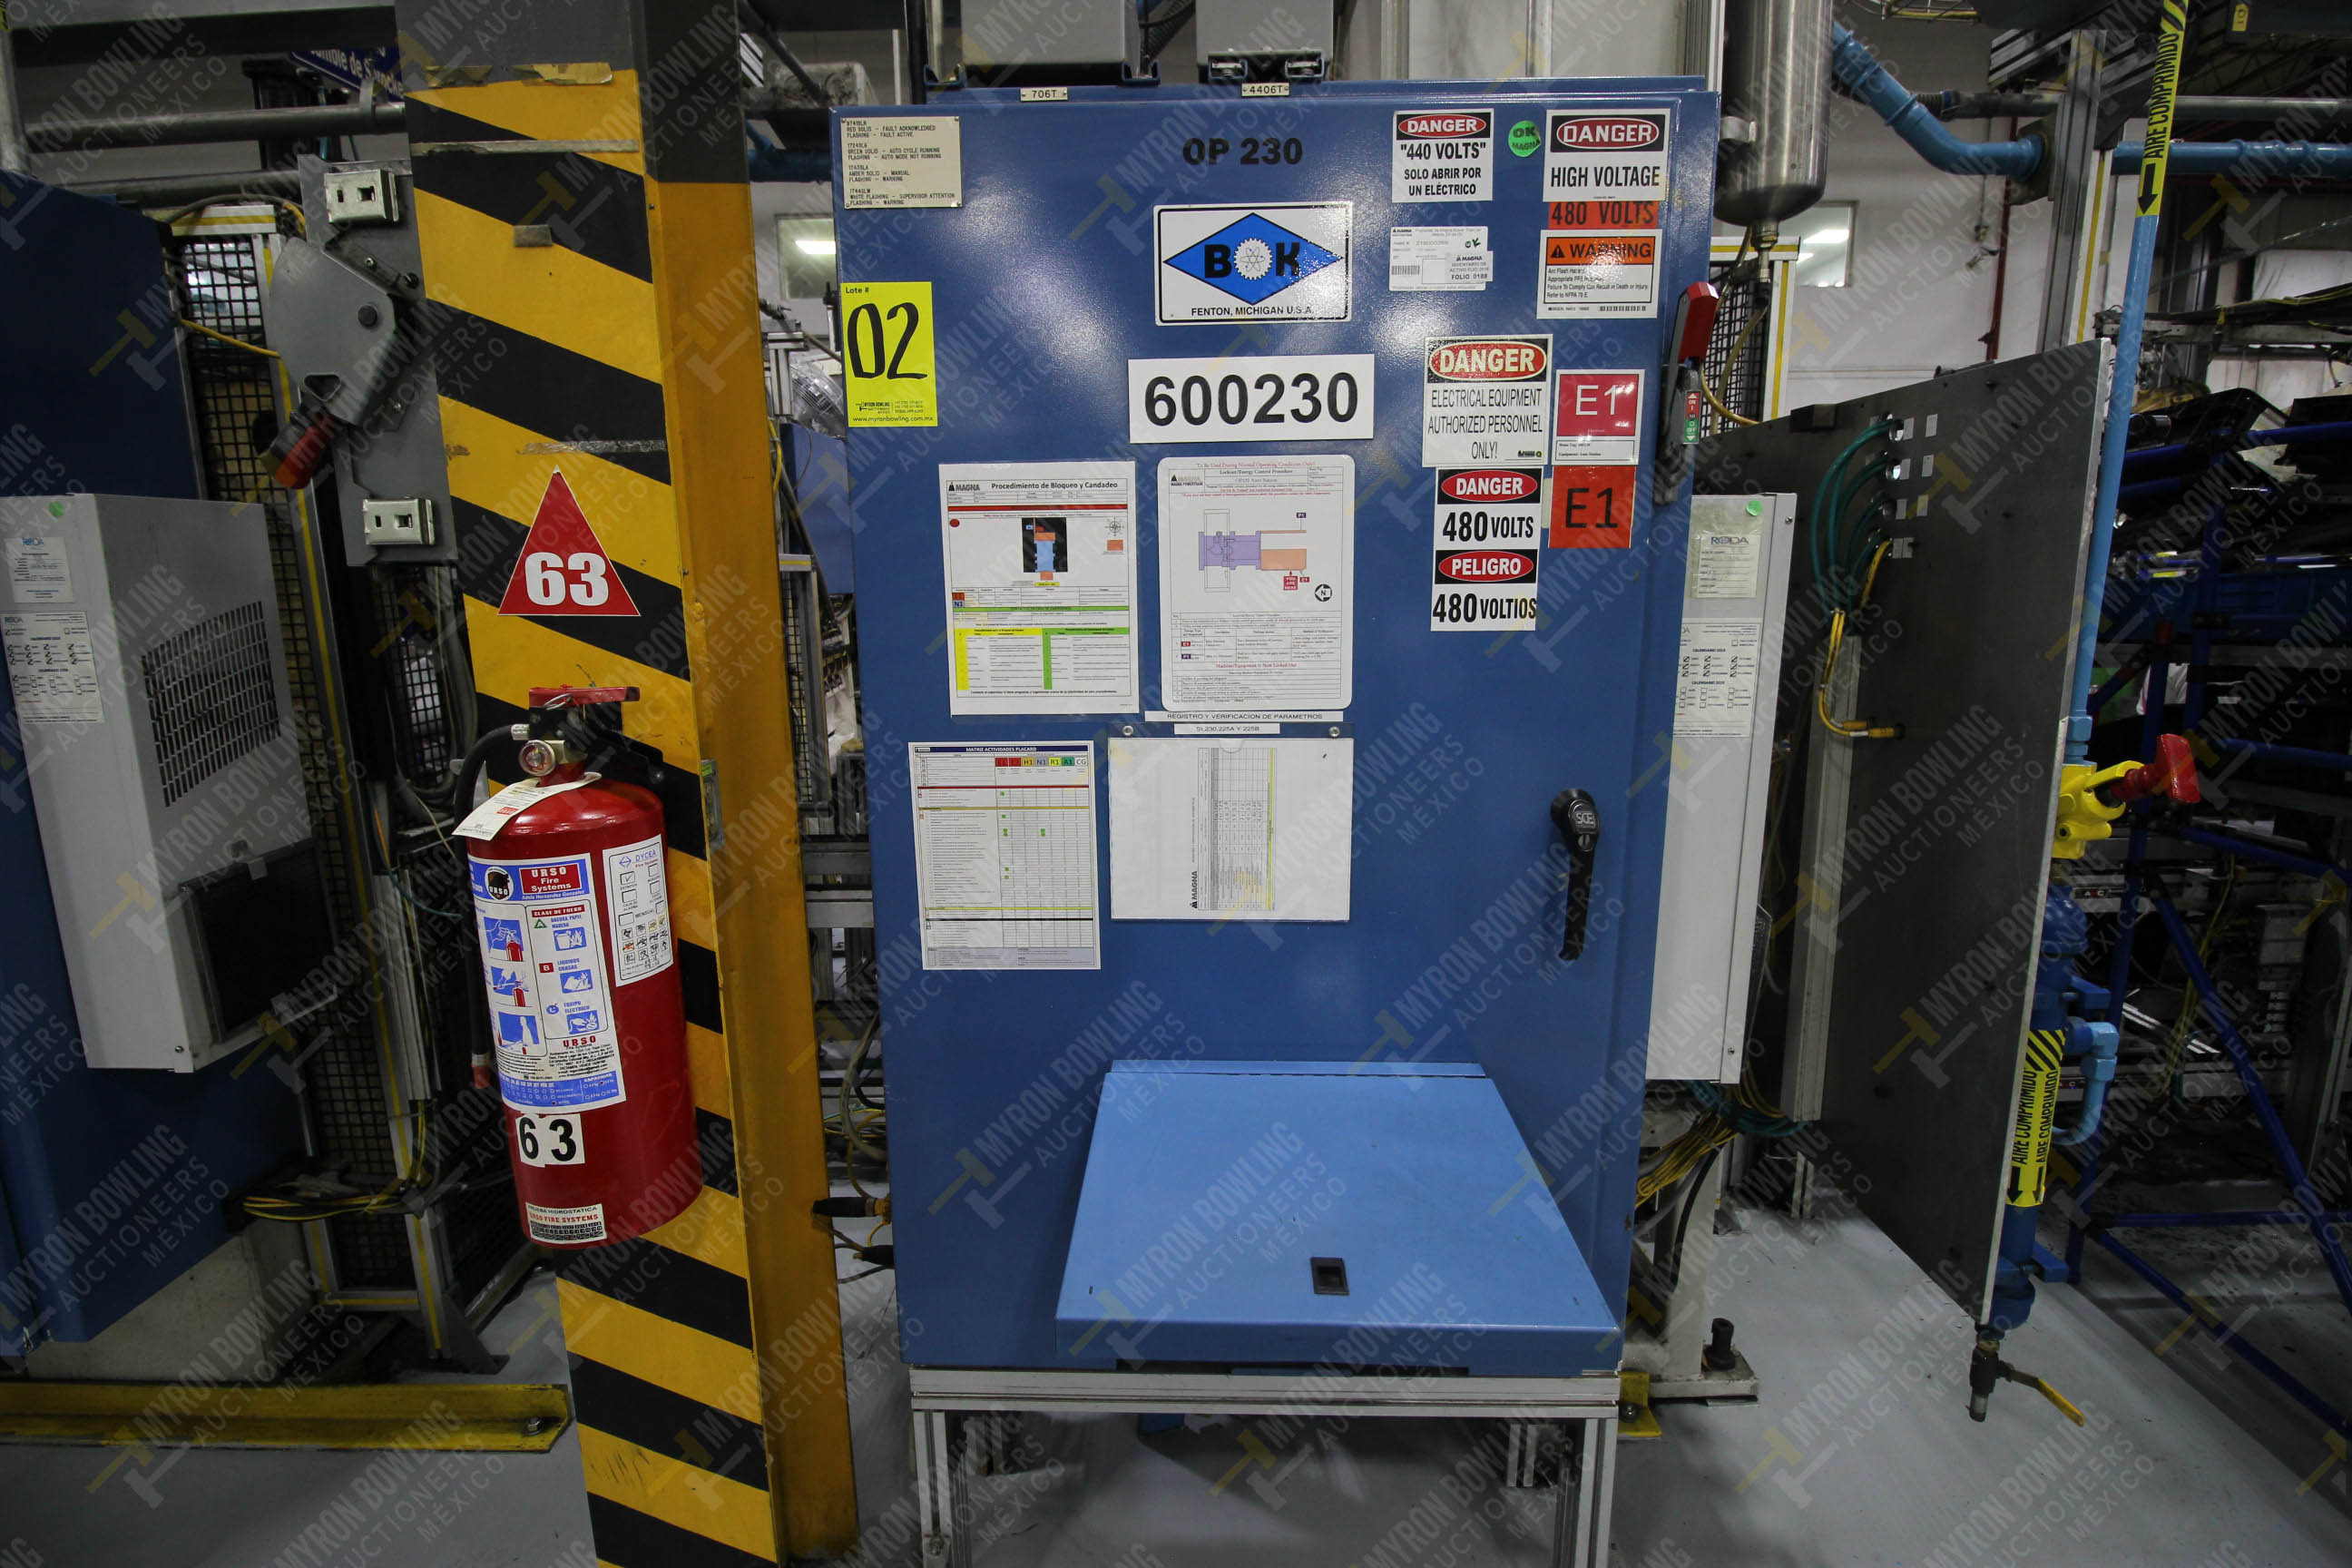 Estación automática para operación 230, para medición de gap - Image 25 of 36